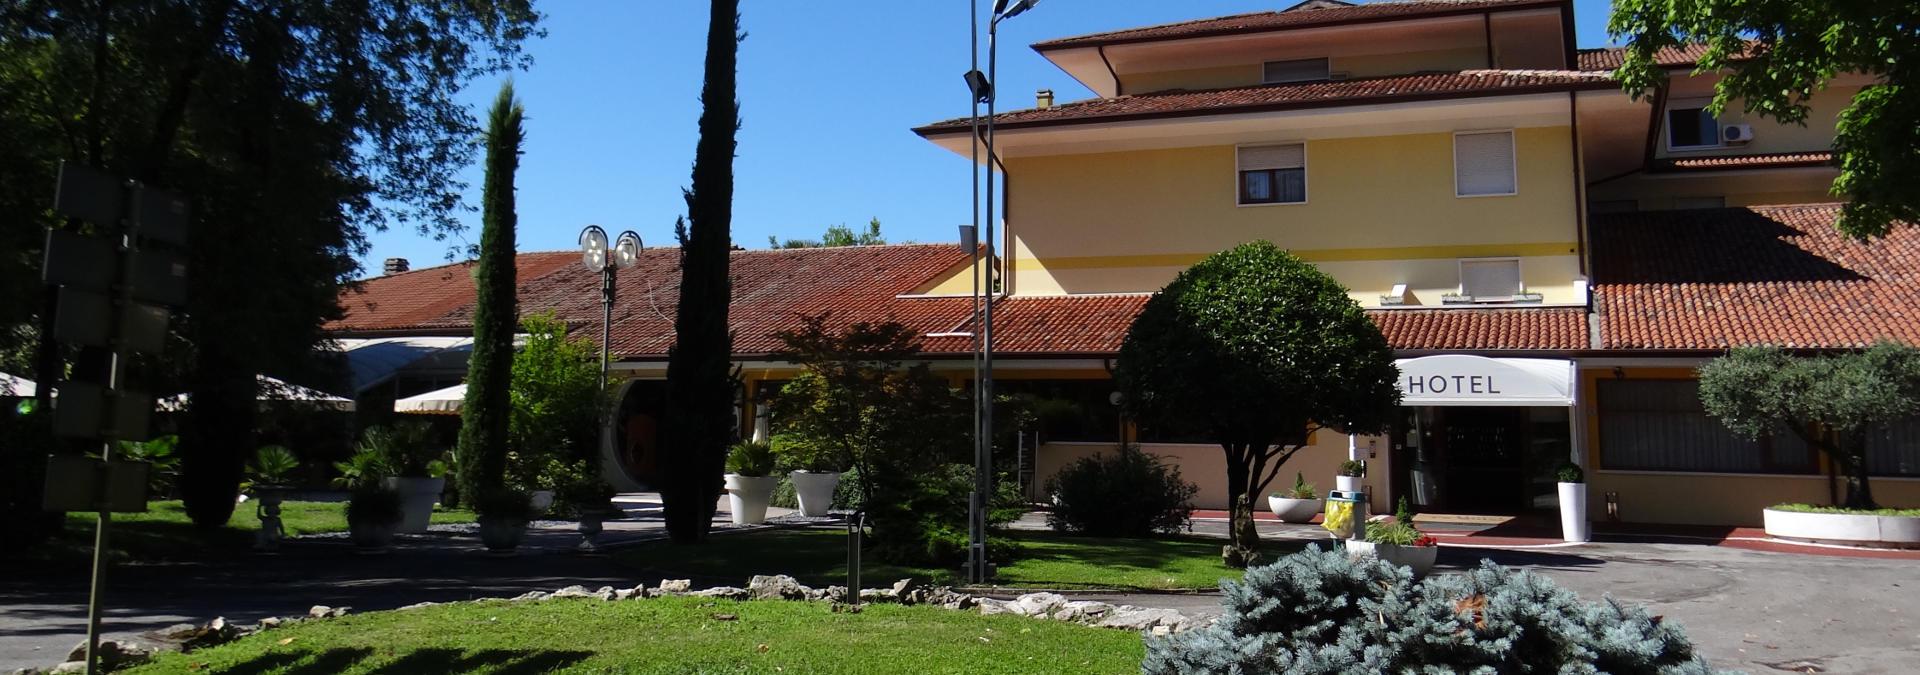 8-hotel-la-bulesca-room-1920x675